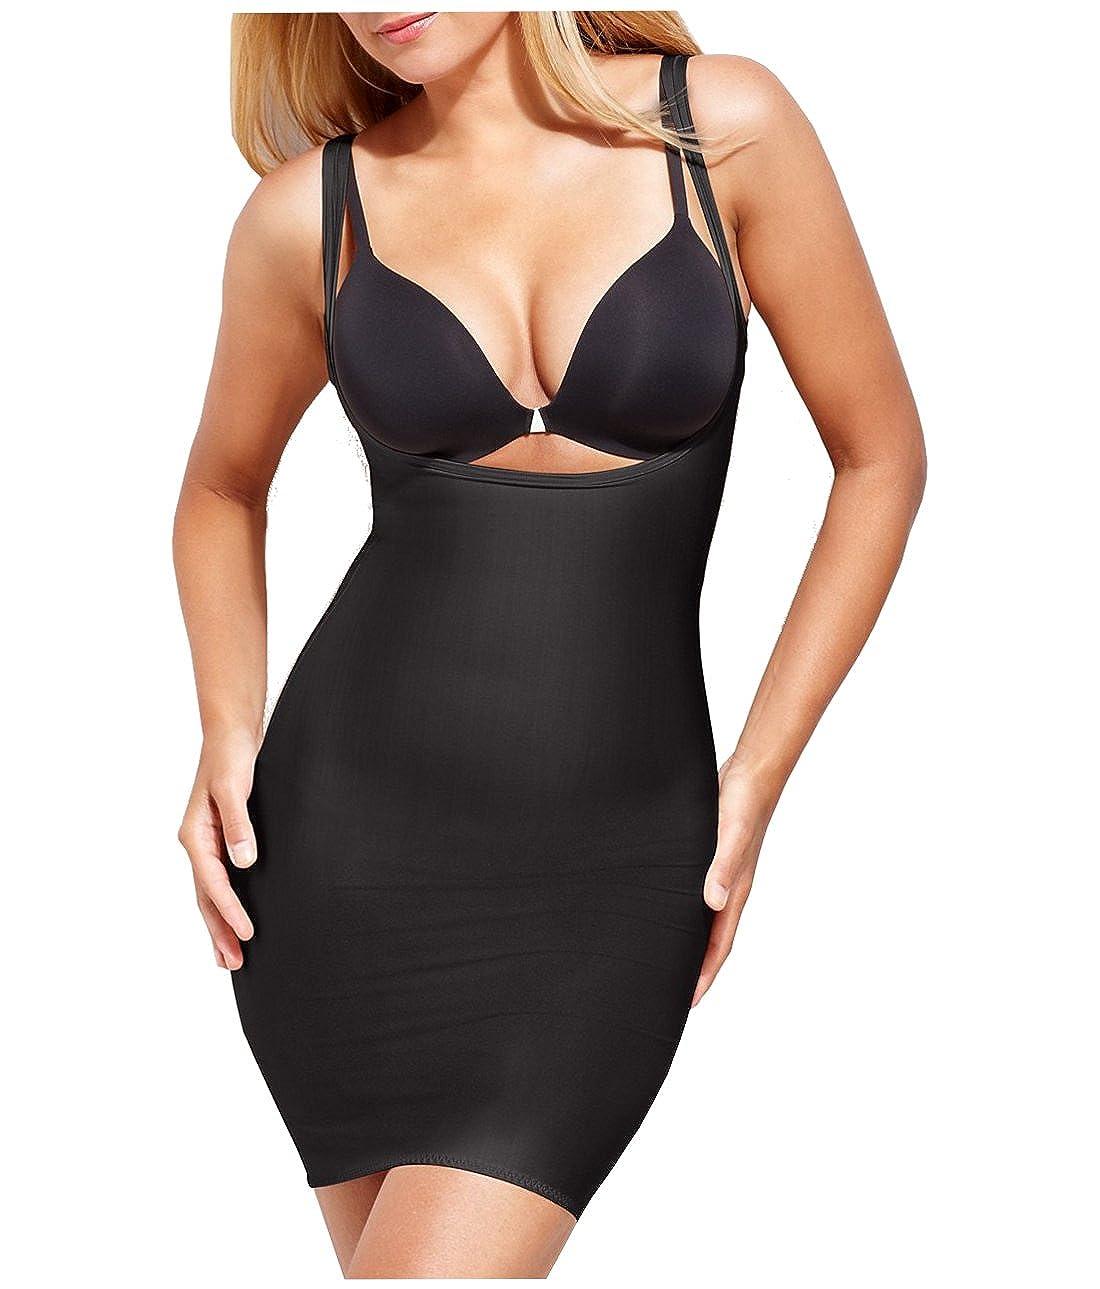 womens underbust control tummy shapewear black skintone 10-12 14-16 18-20 18-20, black